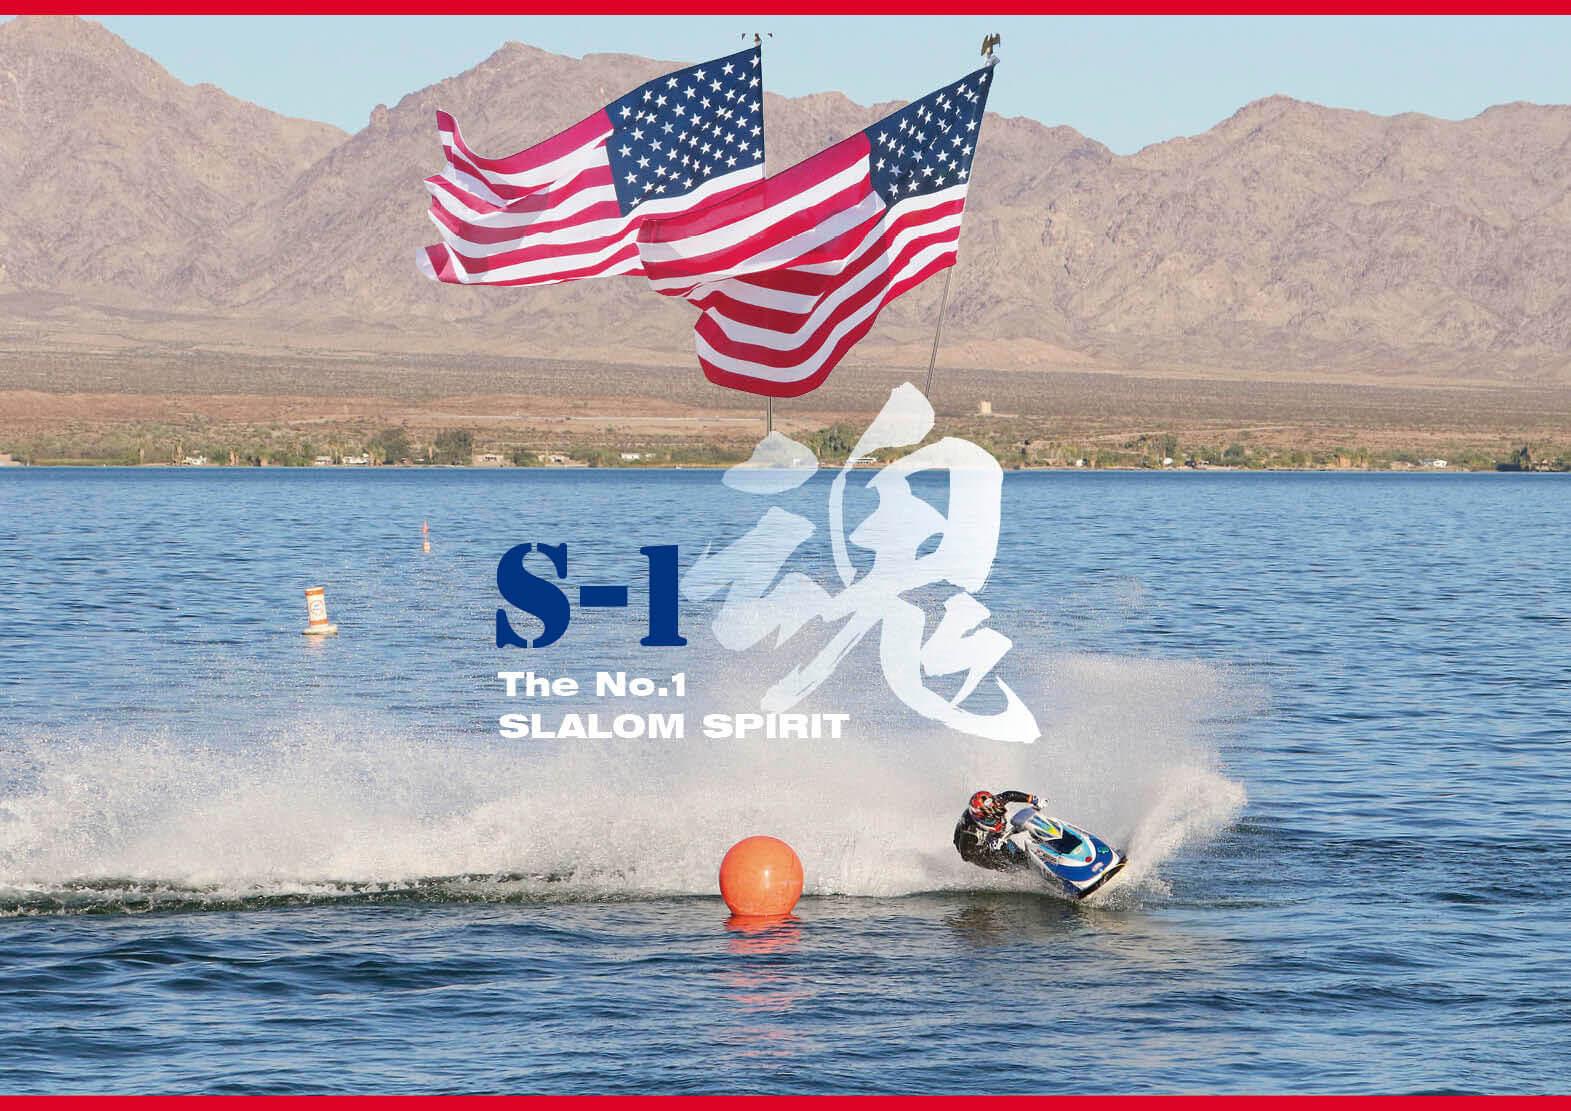 わずか20秒を競うためにアメリカへ スラロームの魅力に取り付かれた男・関 泰光選手インタビュー S-1 ジェットスキー(水上バイク)